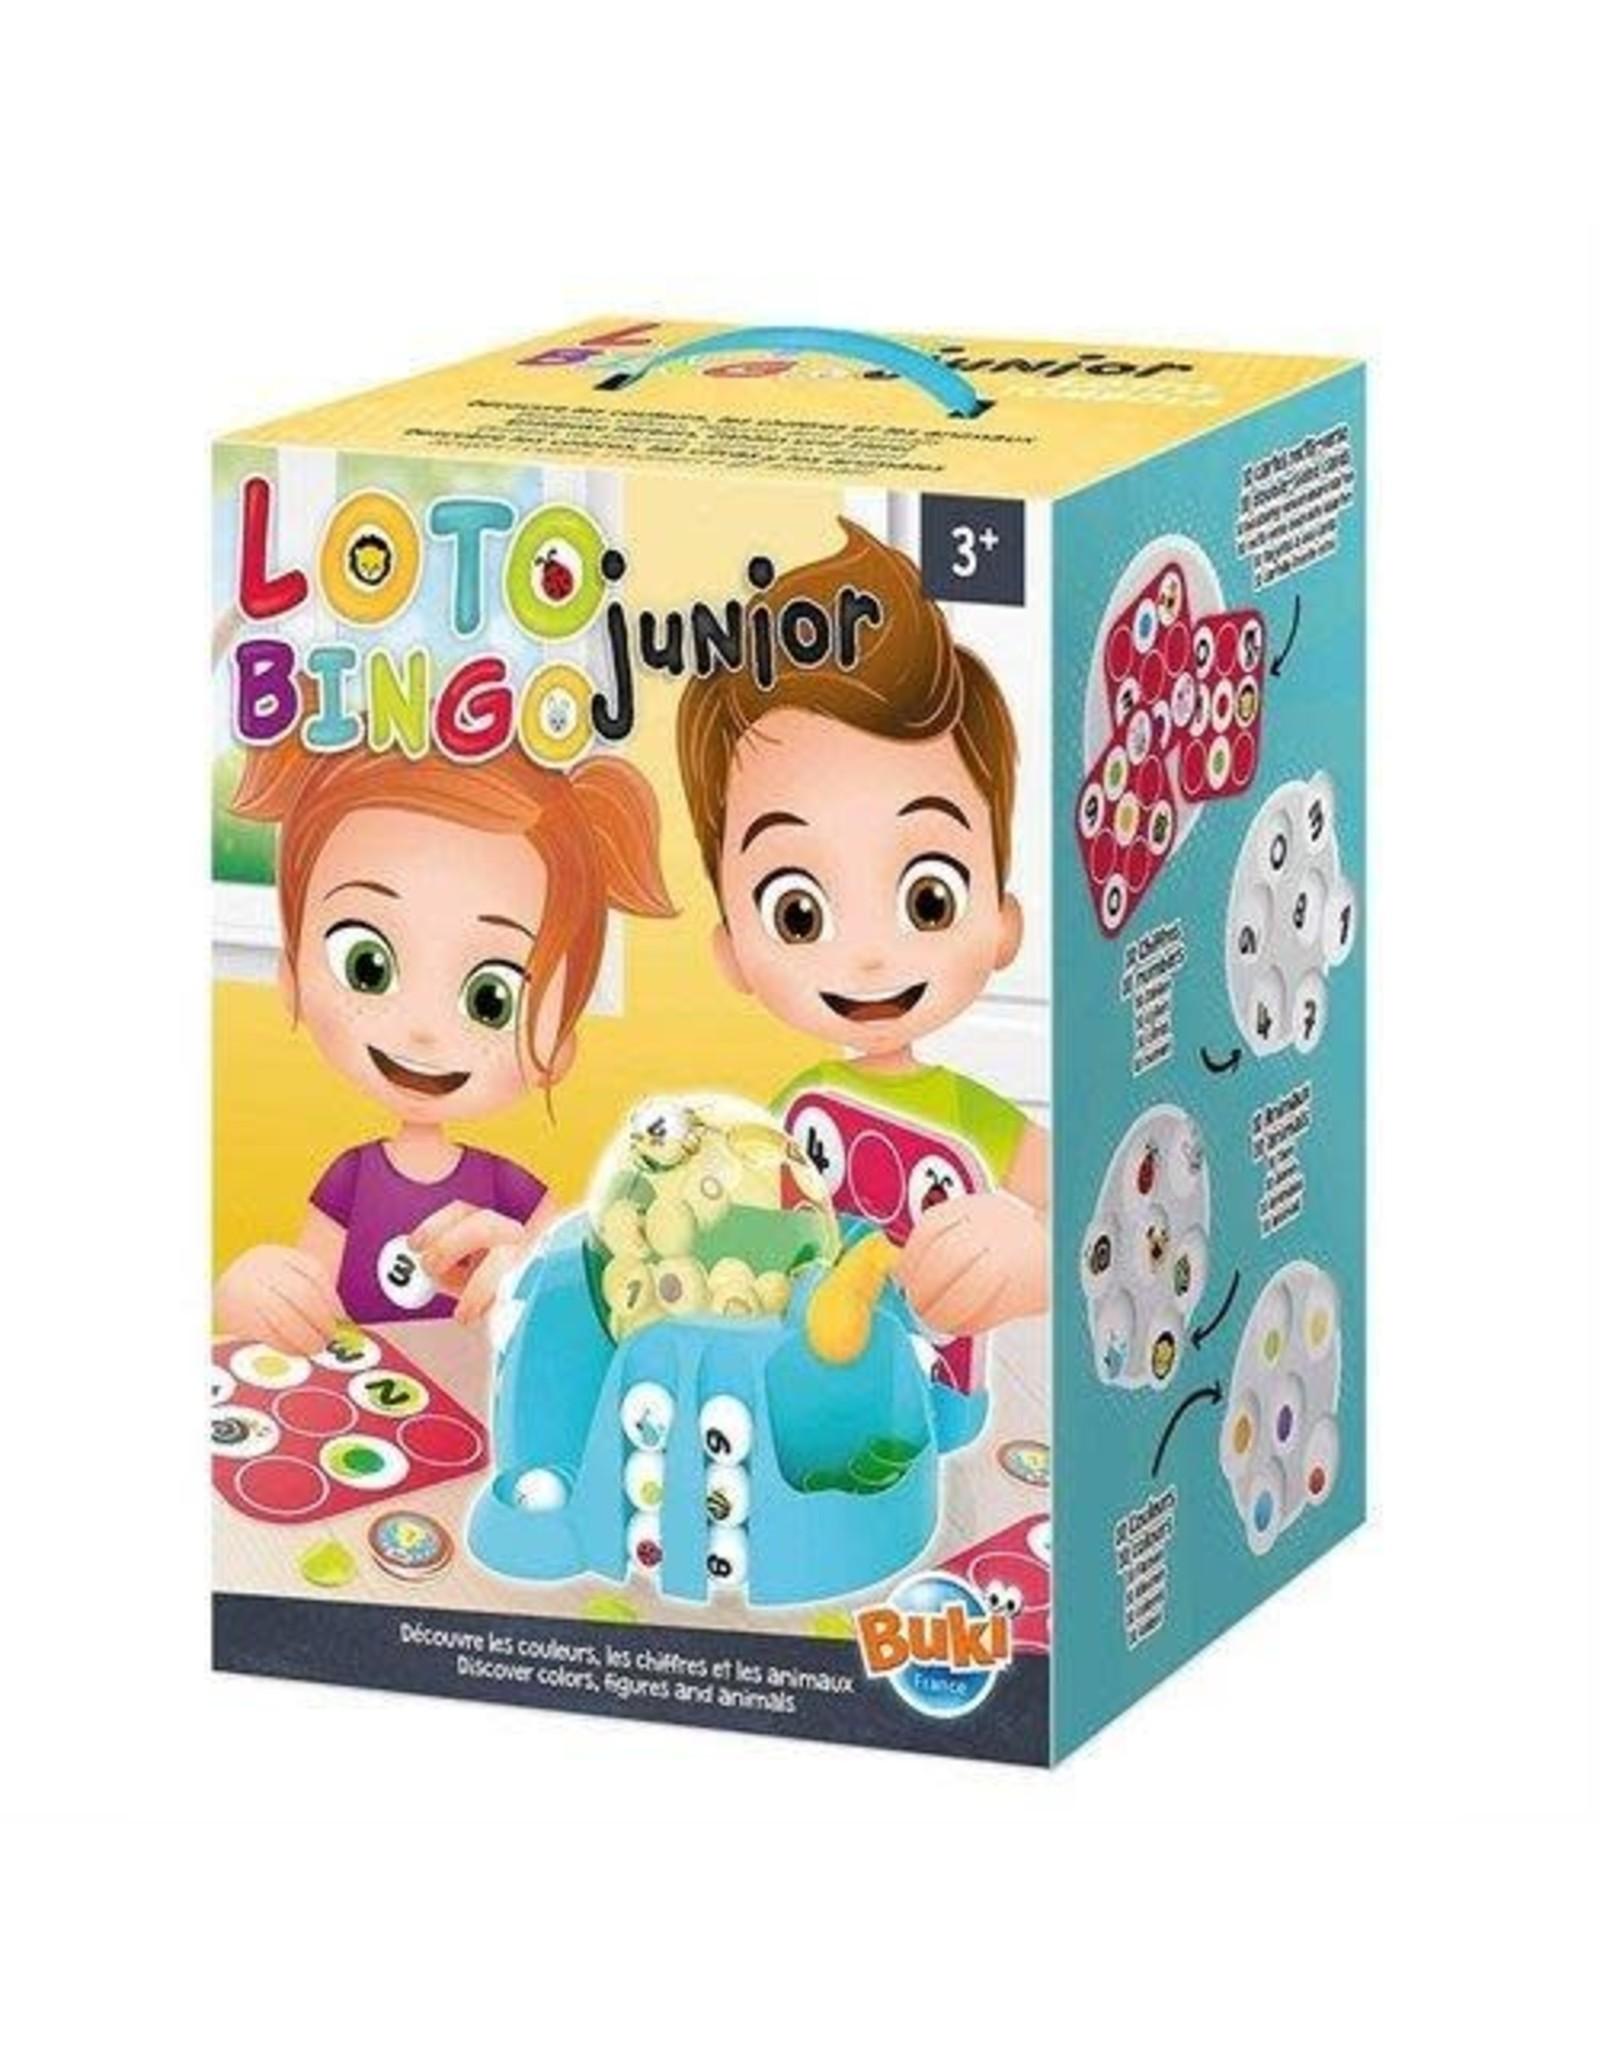 Loto Bingo Junior